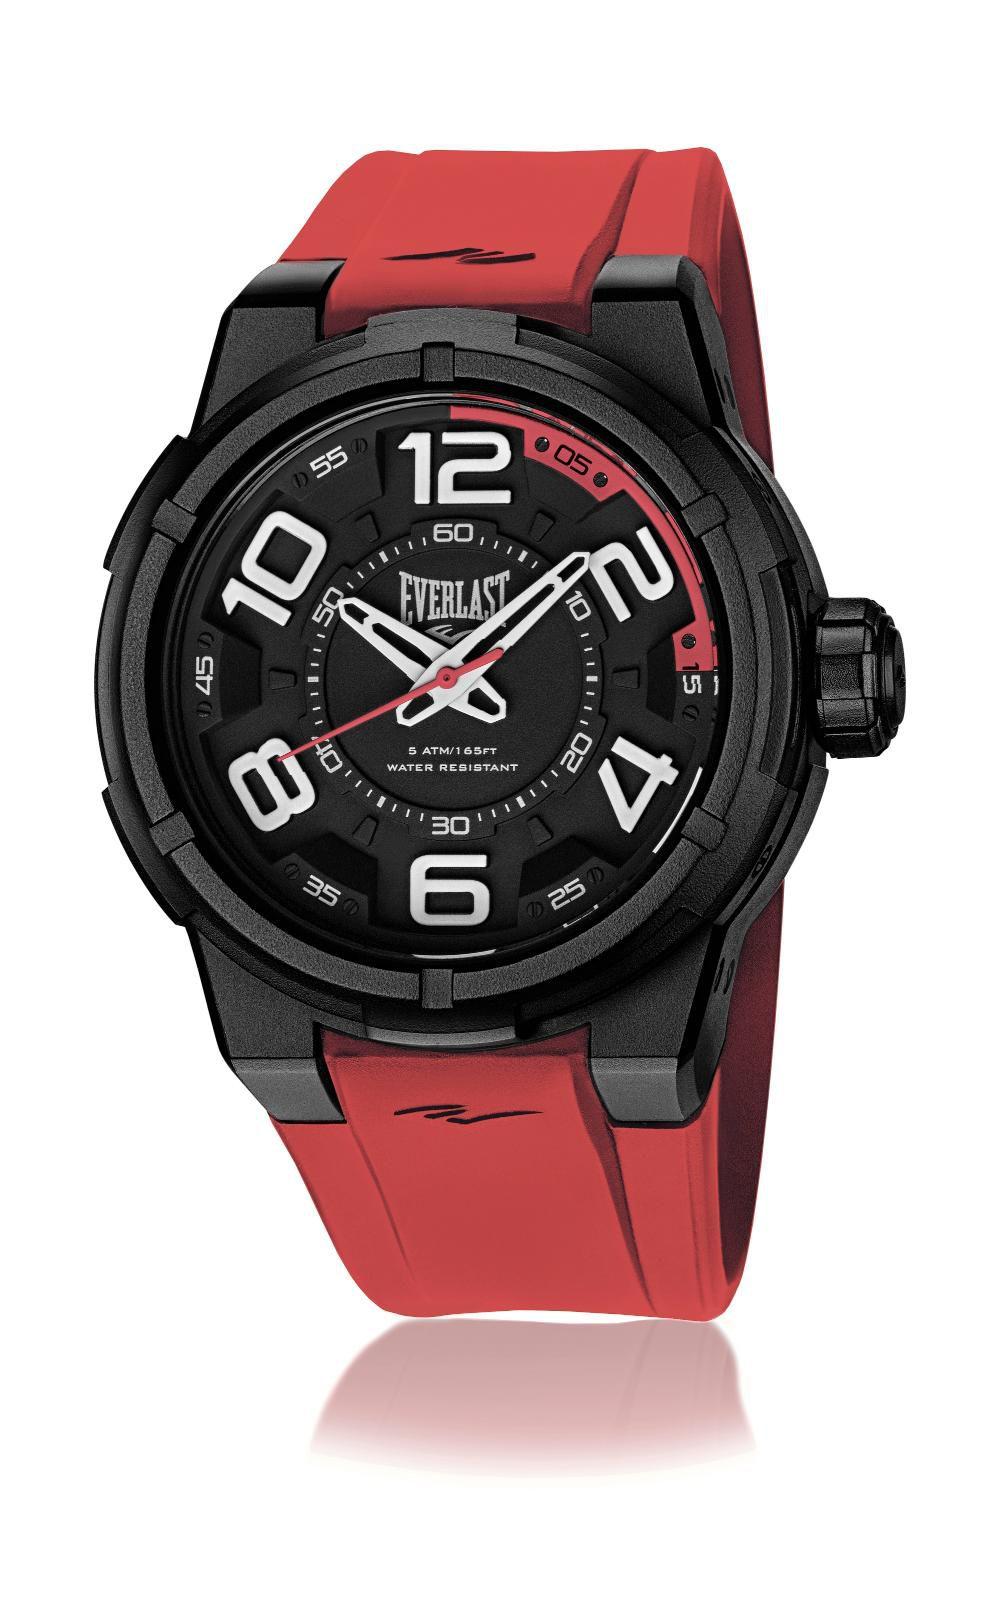 Relógio Masculino Everlast Esporte E691 48mm Silicone Laranja